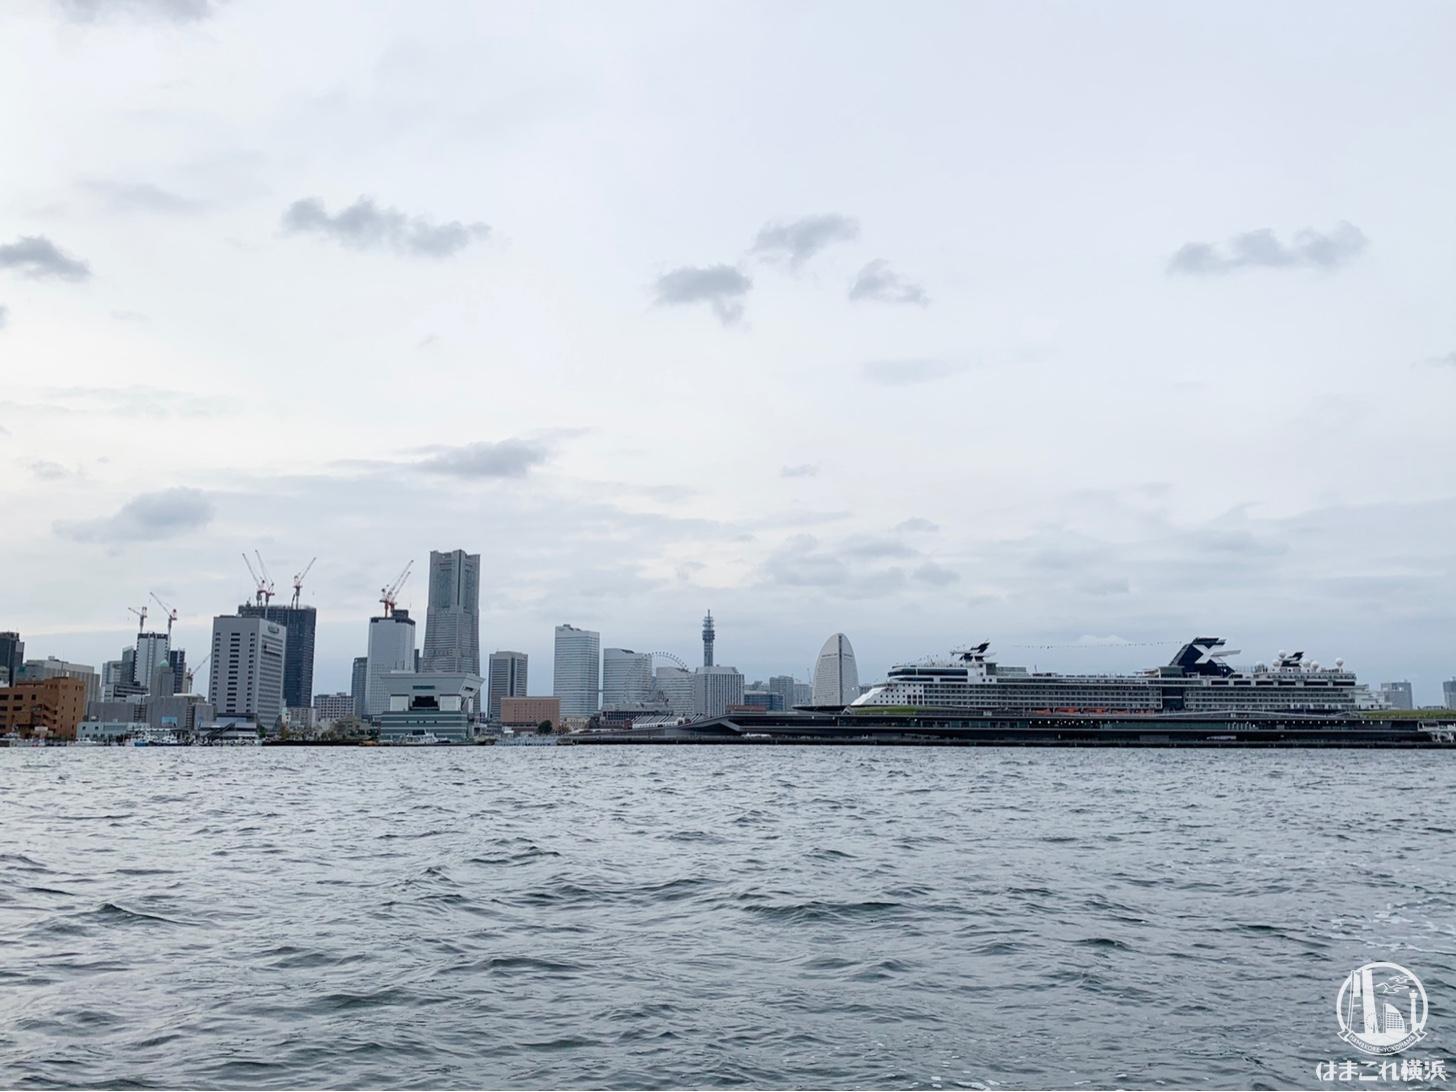 みなとみらいを背景に横浜港大さん橋